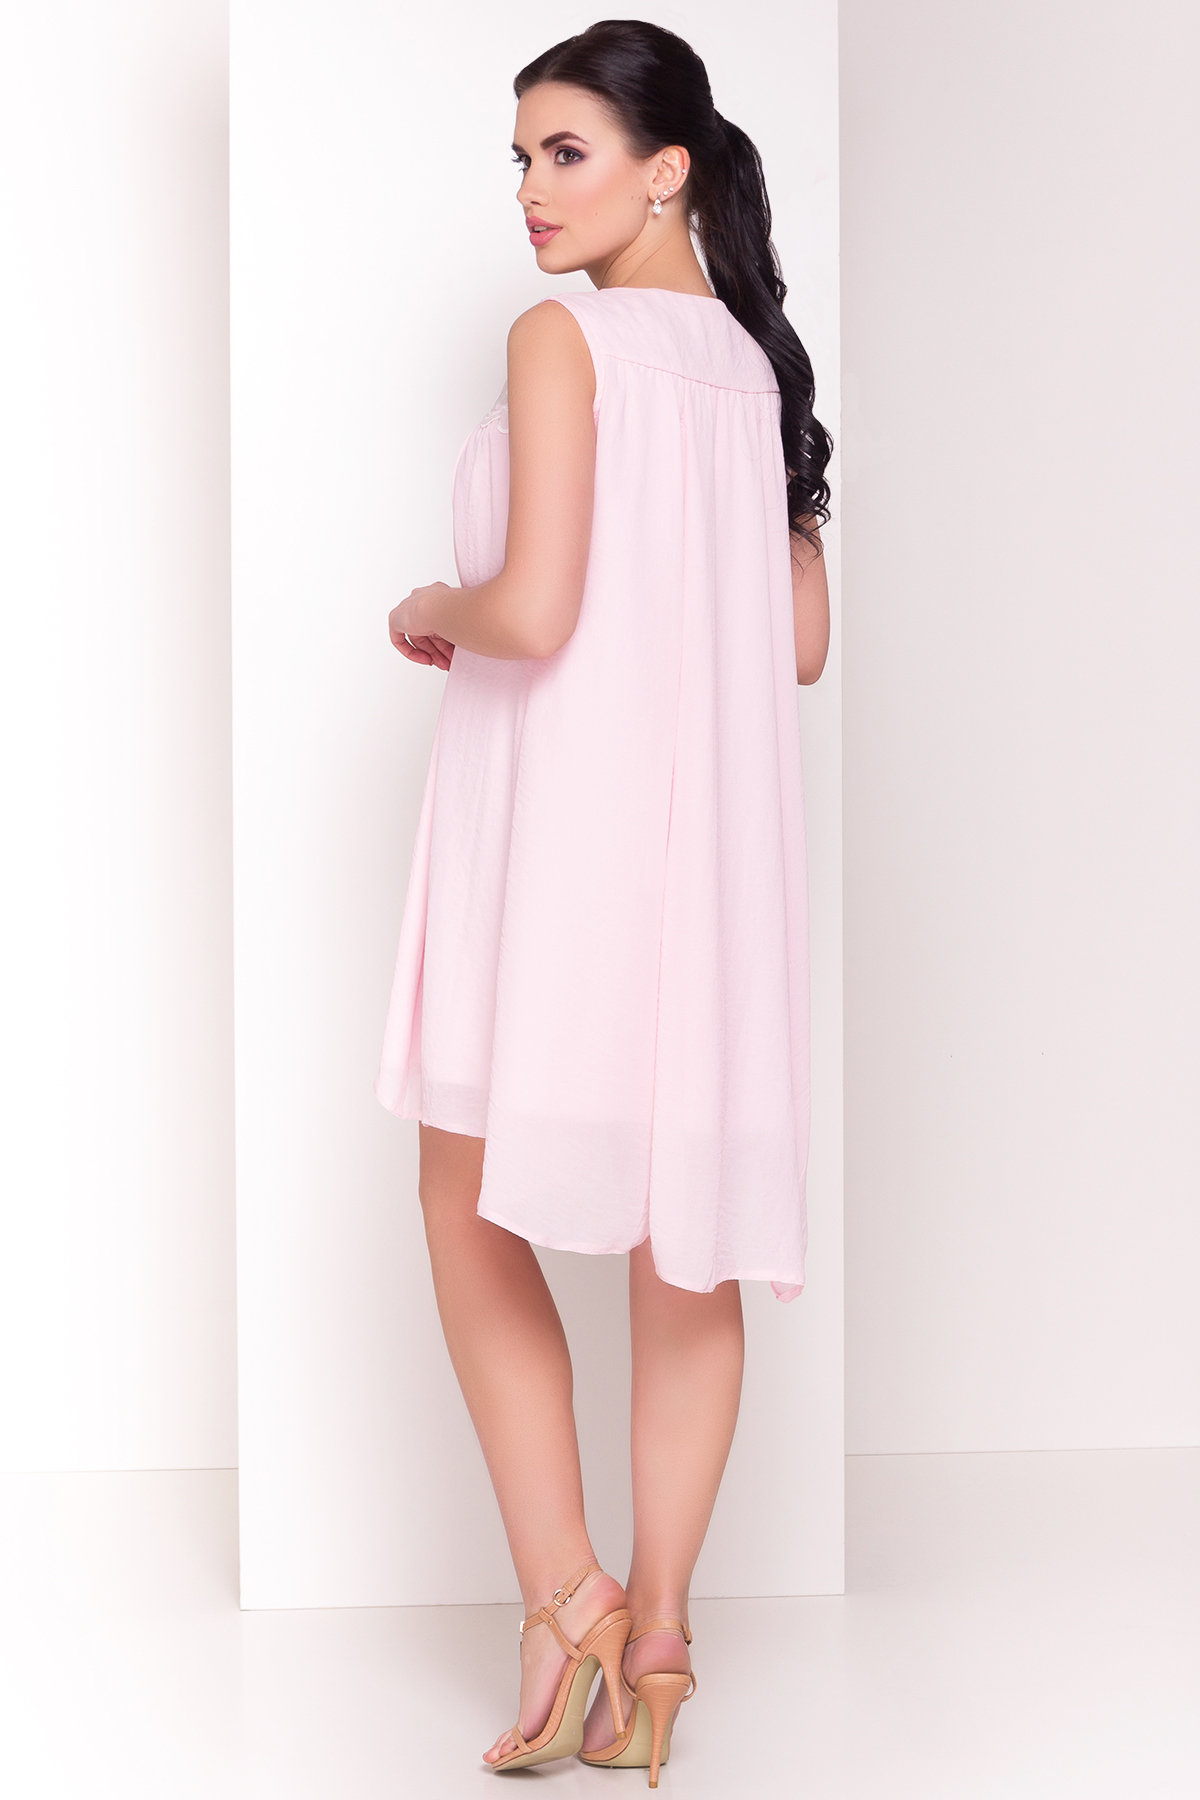 Платье Альбина 3110 АРТ. 16102 Цвет:  Розовый Светлый - фото 7, интернет магазин tm-modus.ru